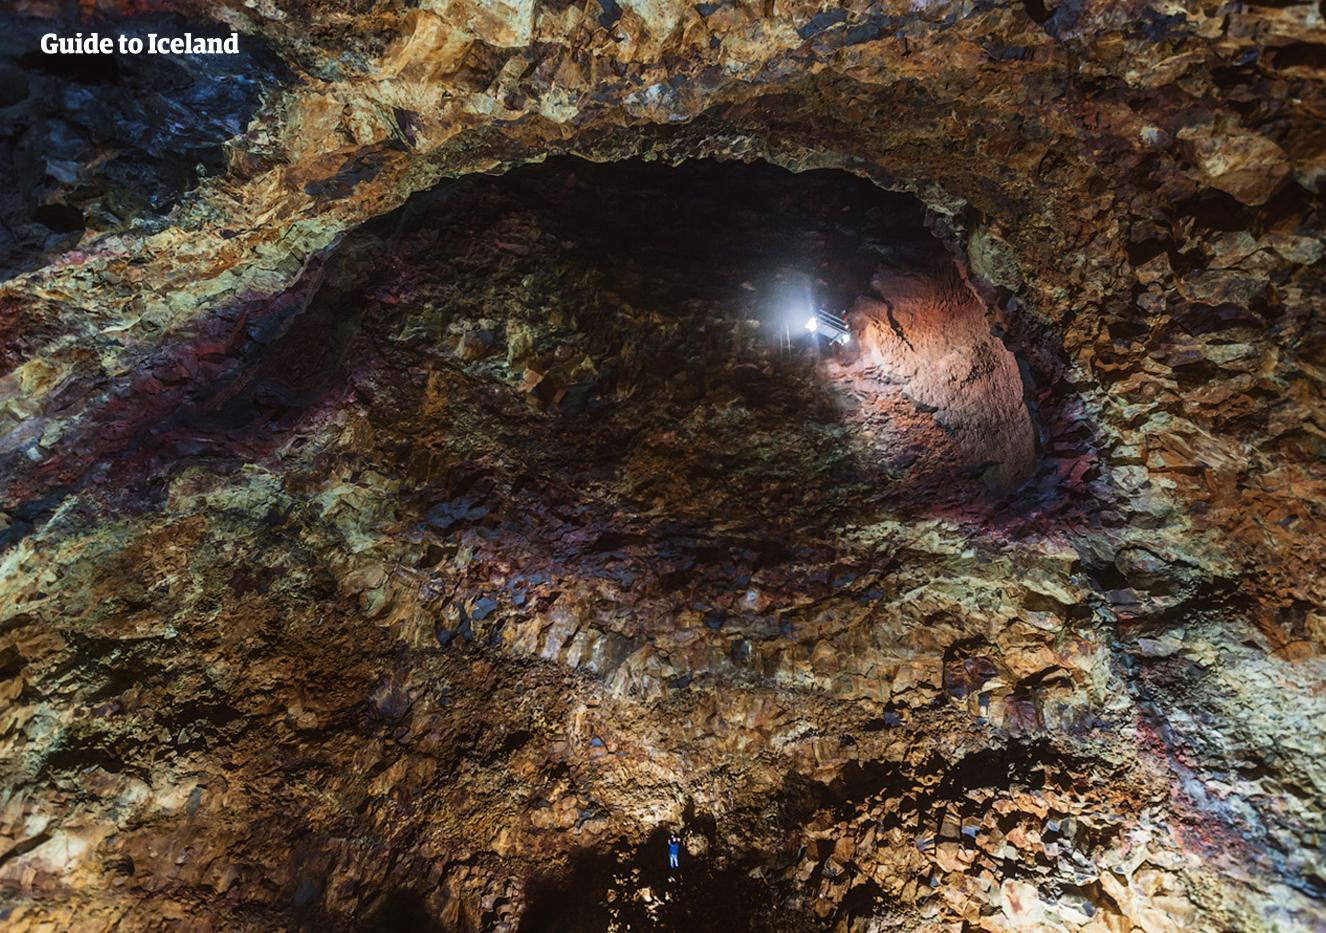 Die faszinierenden Farben in der Magmakammer des Vulkans Thrihnukagigur sprengen mit ihren Rot-, Blau- und Violetttönen die menschliche Vorstellungskraft.